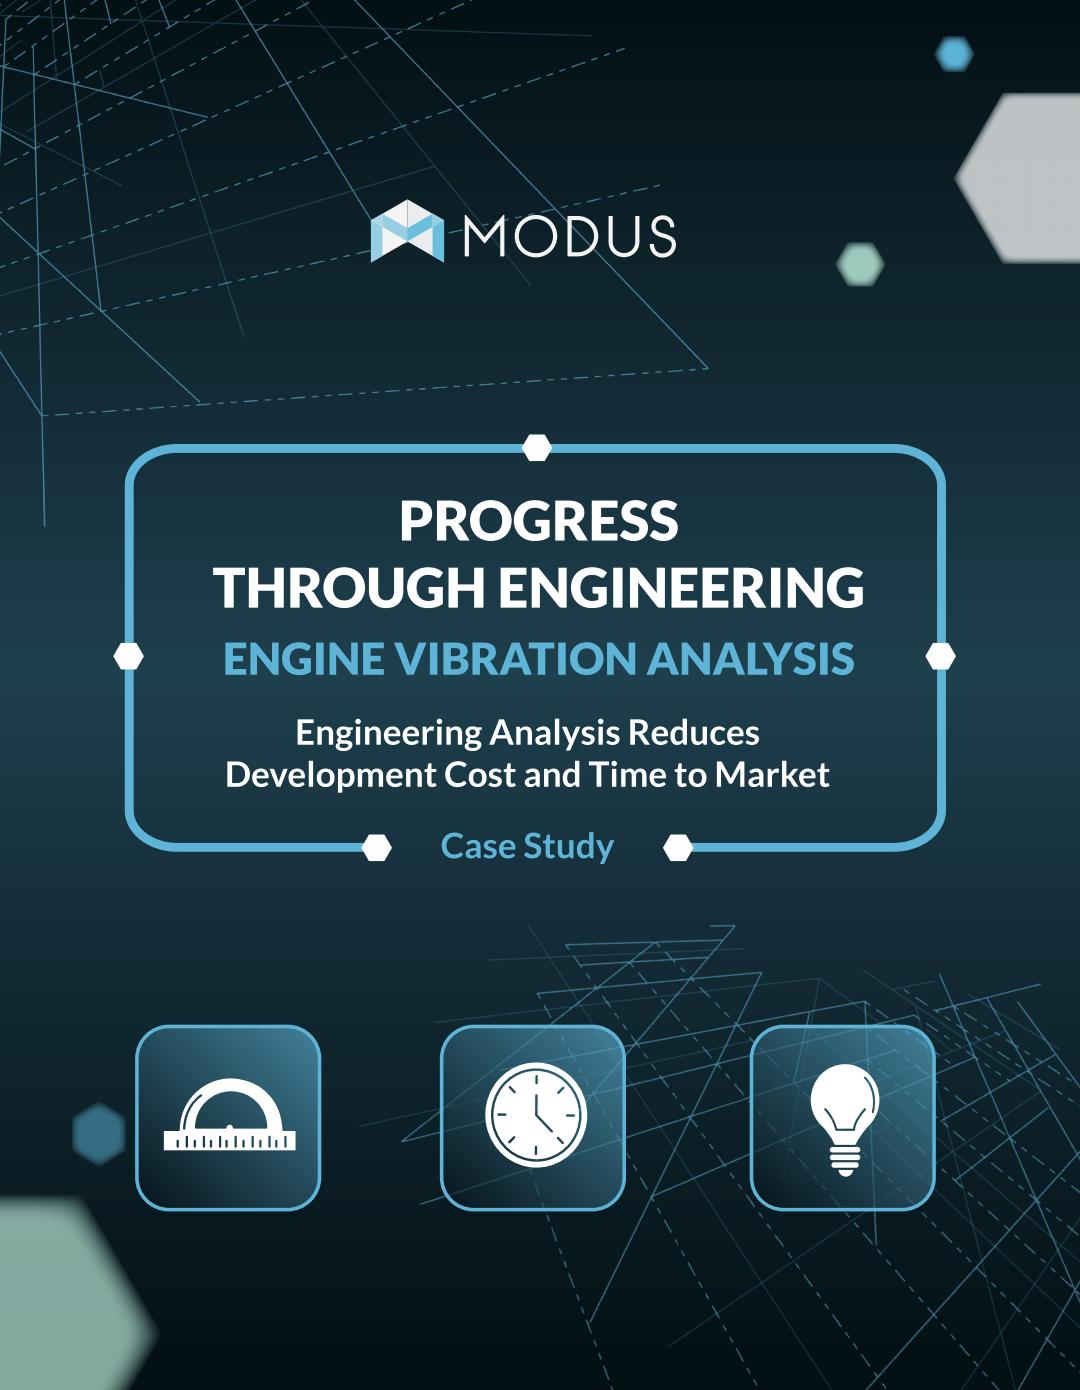 Engine Vibration Analysis